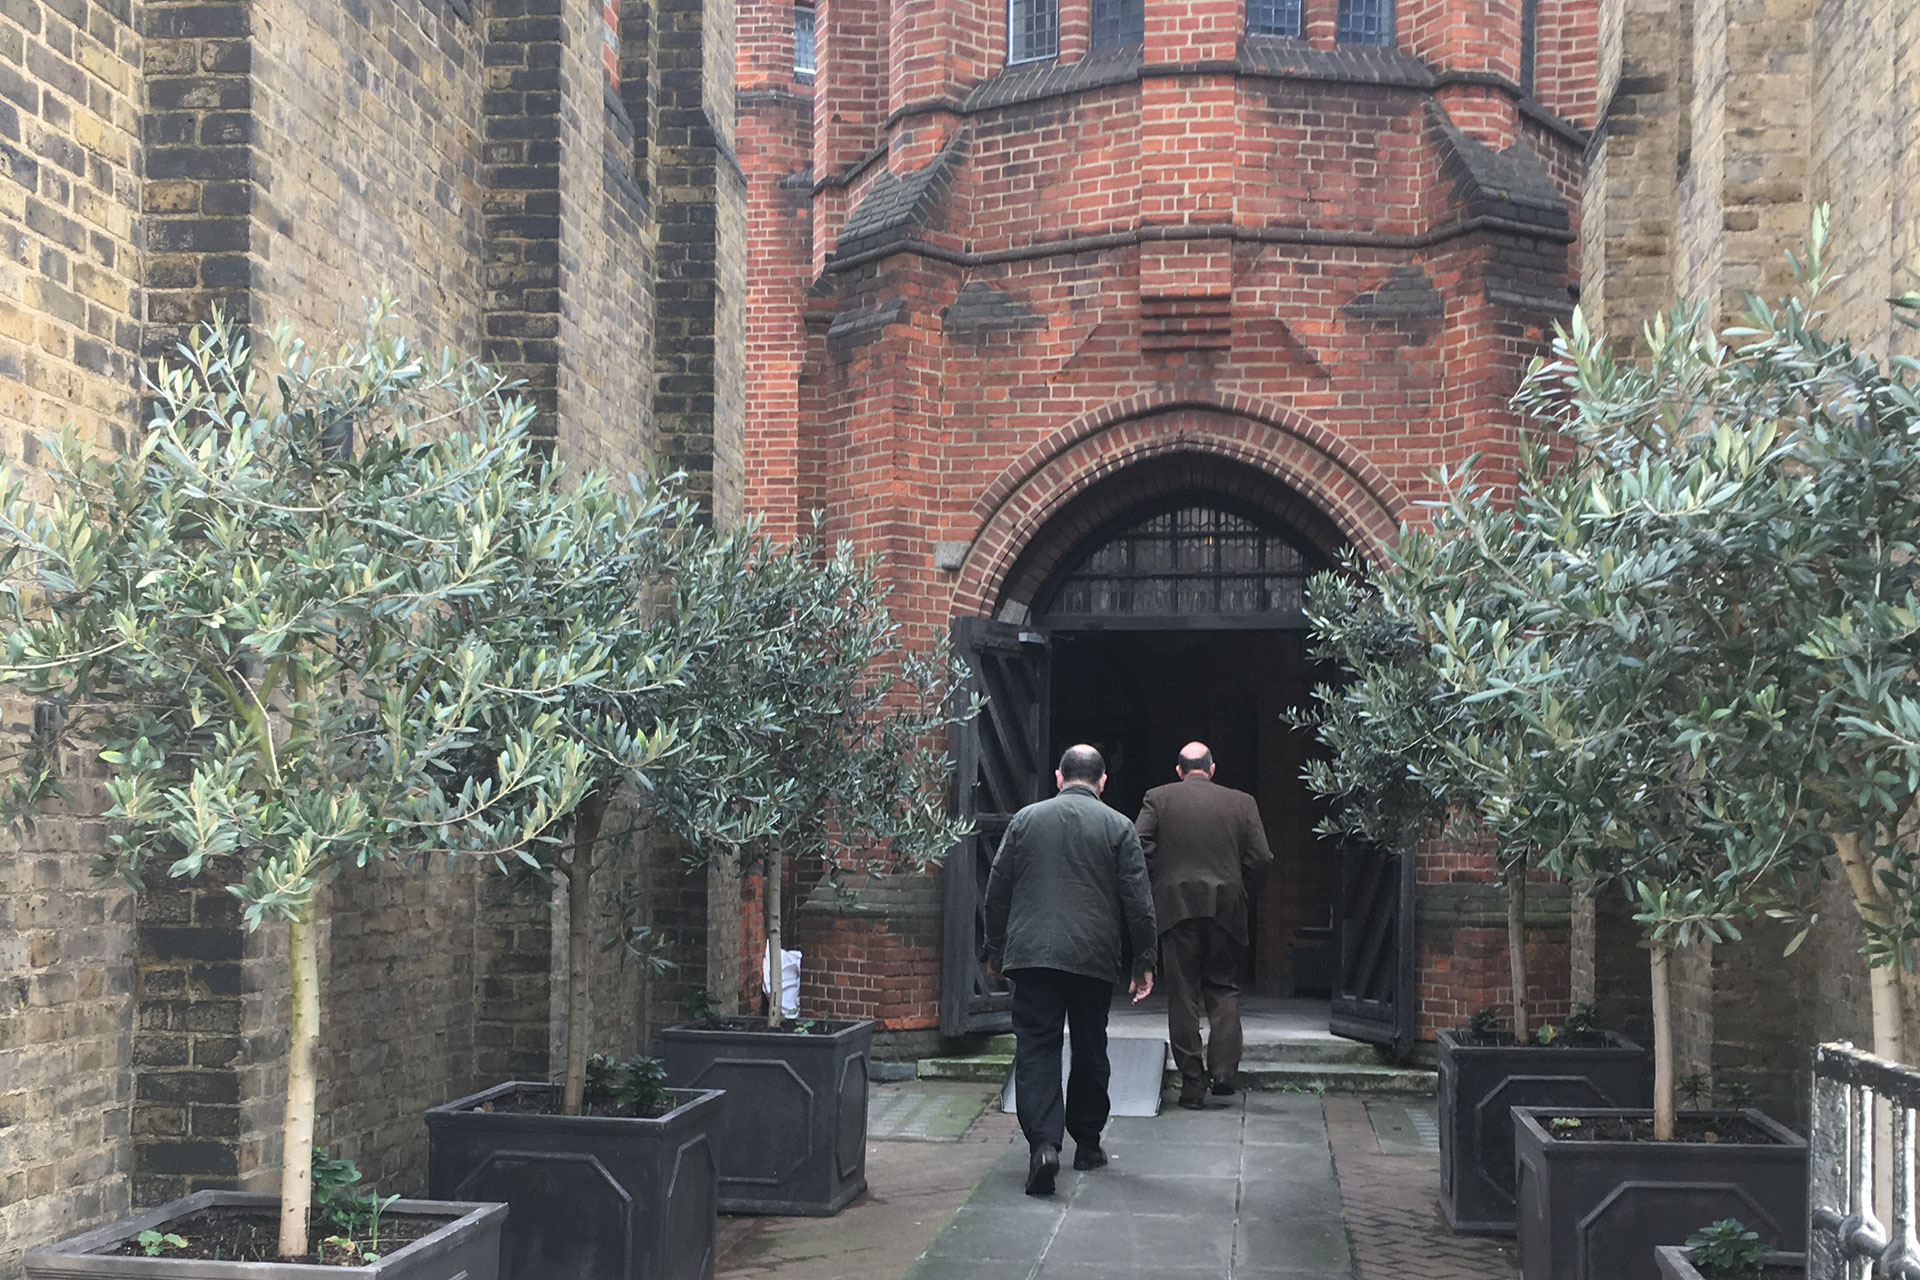 St Marys Bourne Street Today